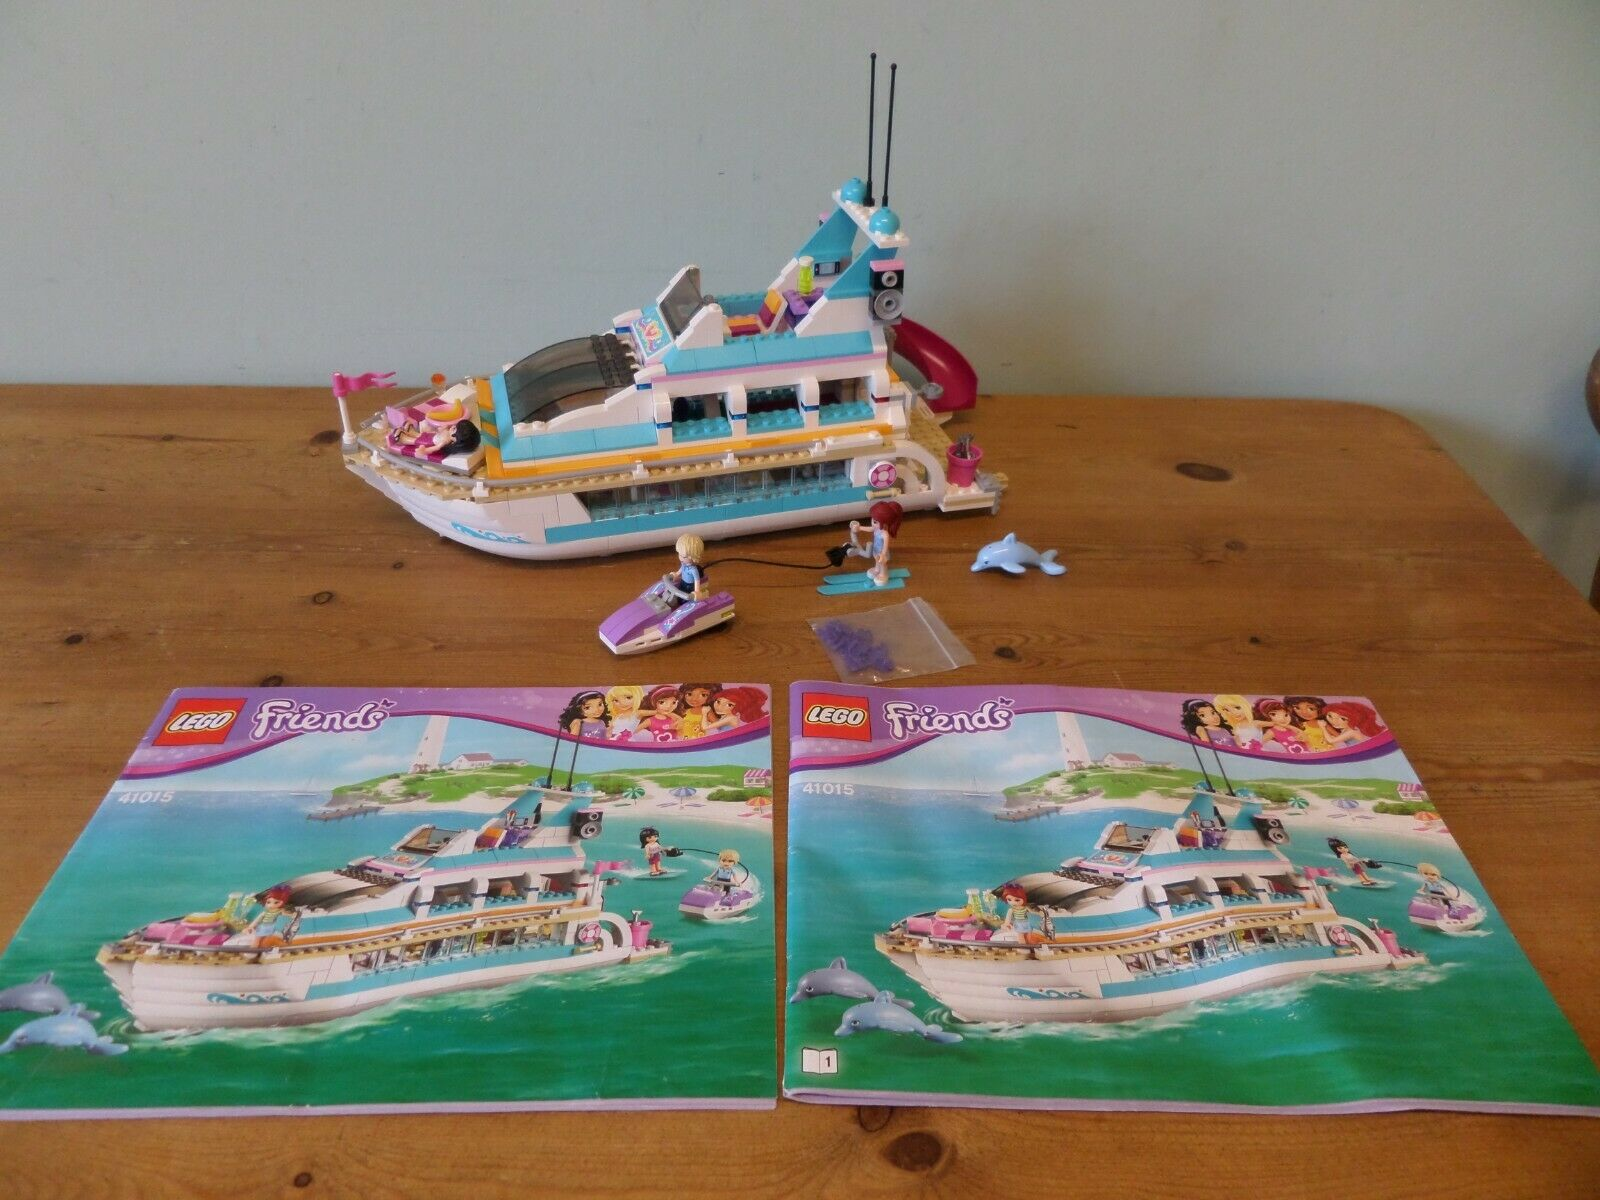 LEGO FRIENDS 41015 Yacht Yacht Yacht Dolphin Cruiser 5409d7